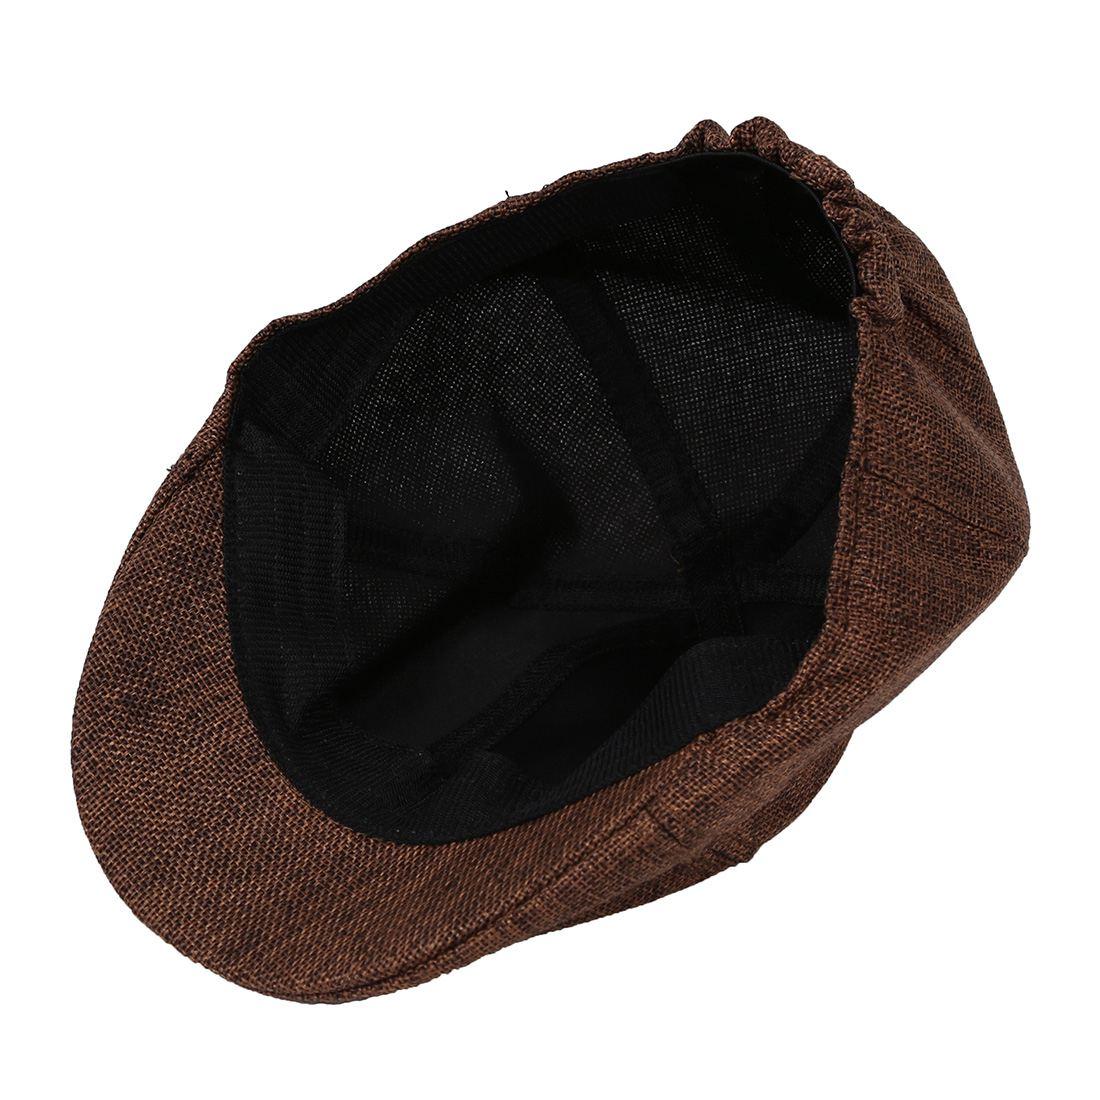 Gorra Gatsby Sistema de Fluido Solido Sombrero de hiedra Golf ... c934b7a8523